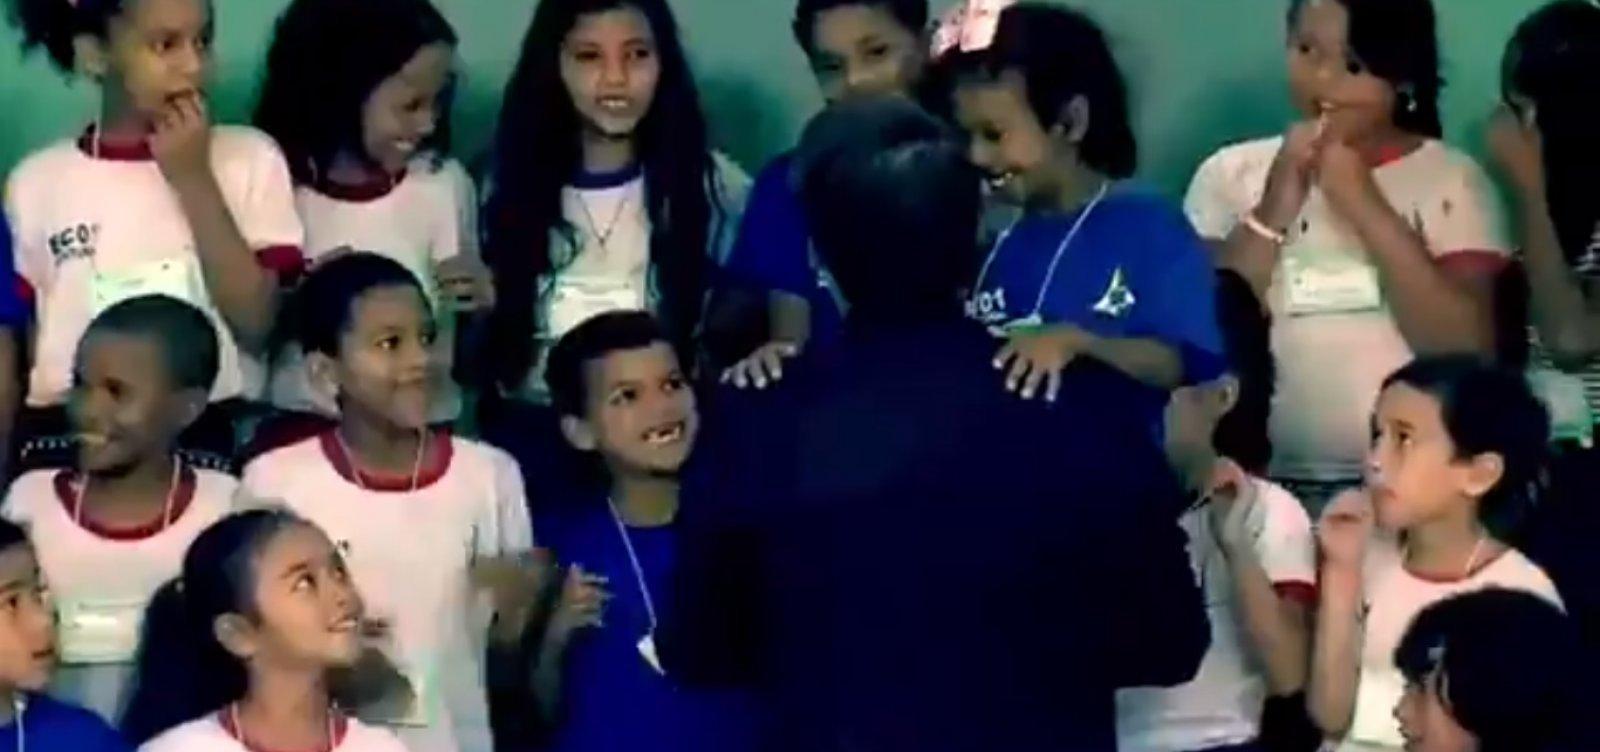 [Criança não se recusou a cumprimentar Bolsonaro, diz governo]